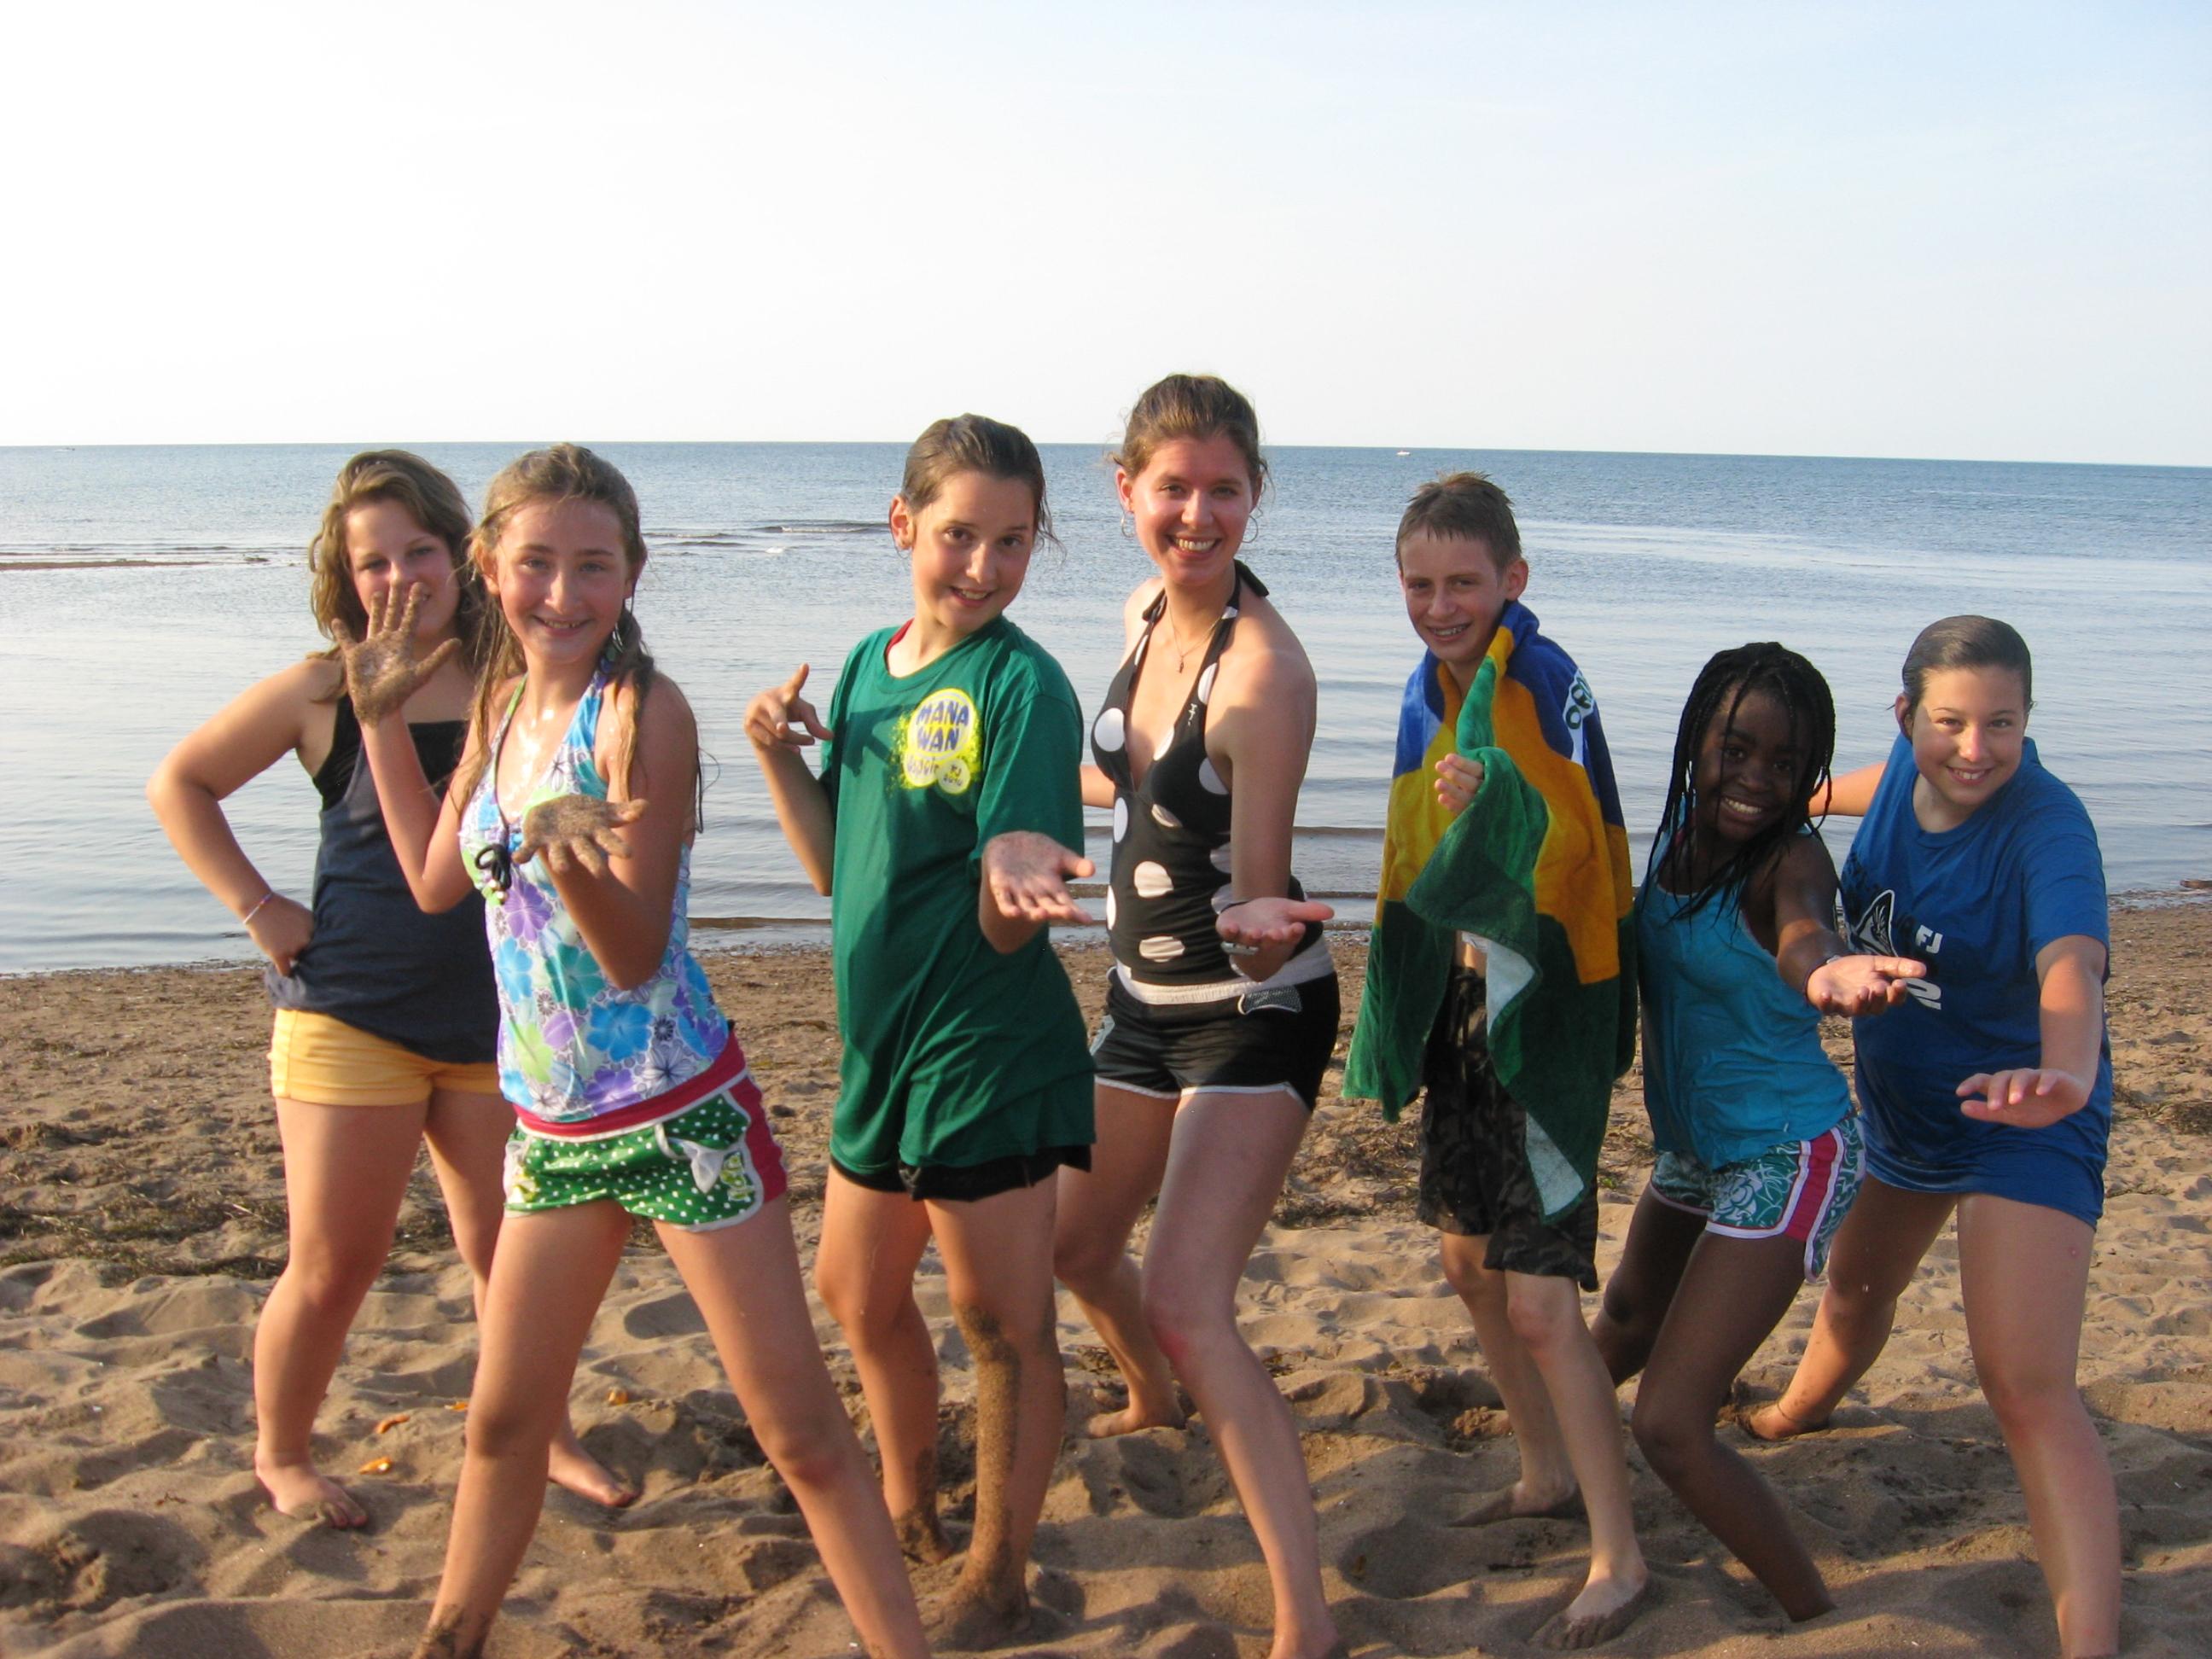 New Brunswick Escort Girls Halifax